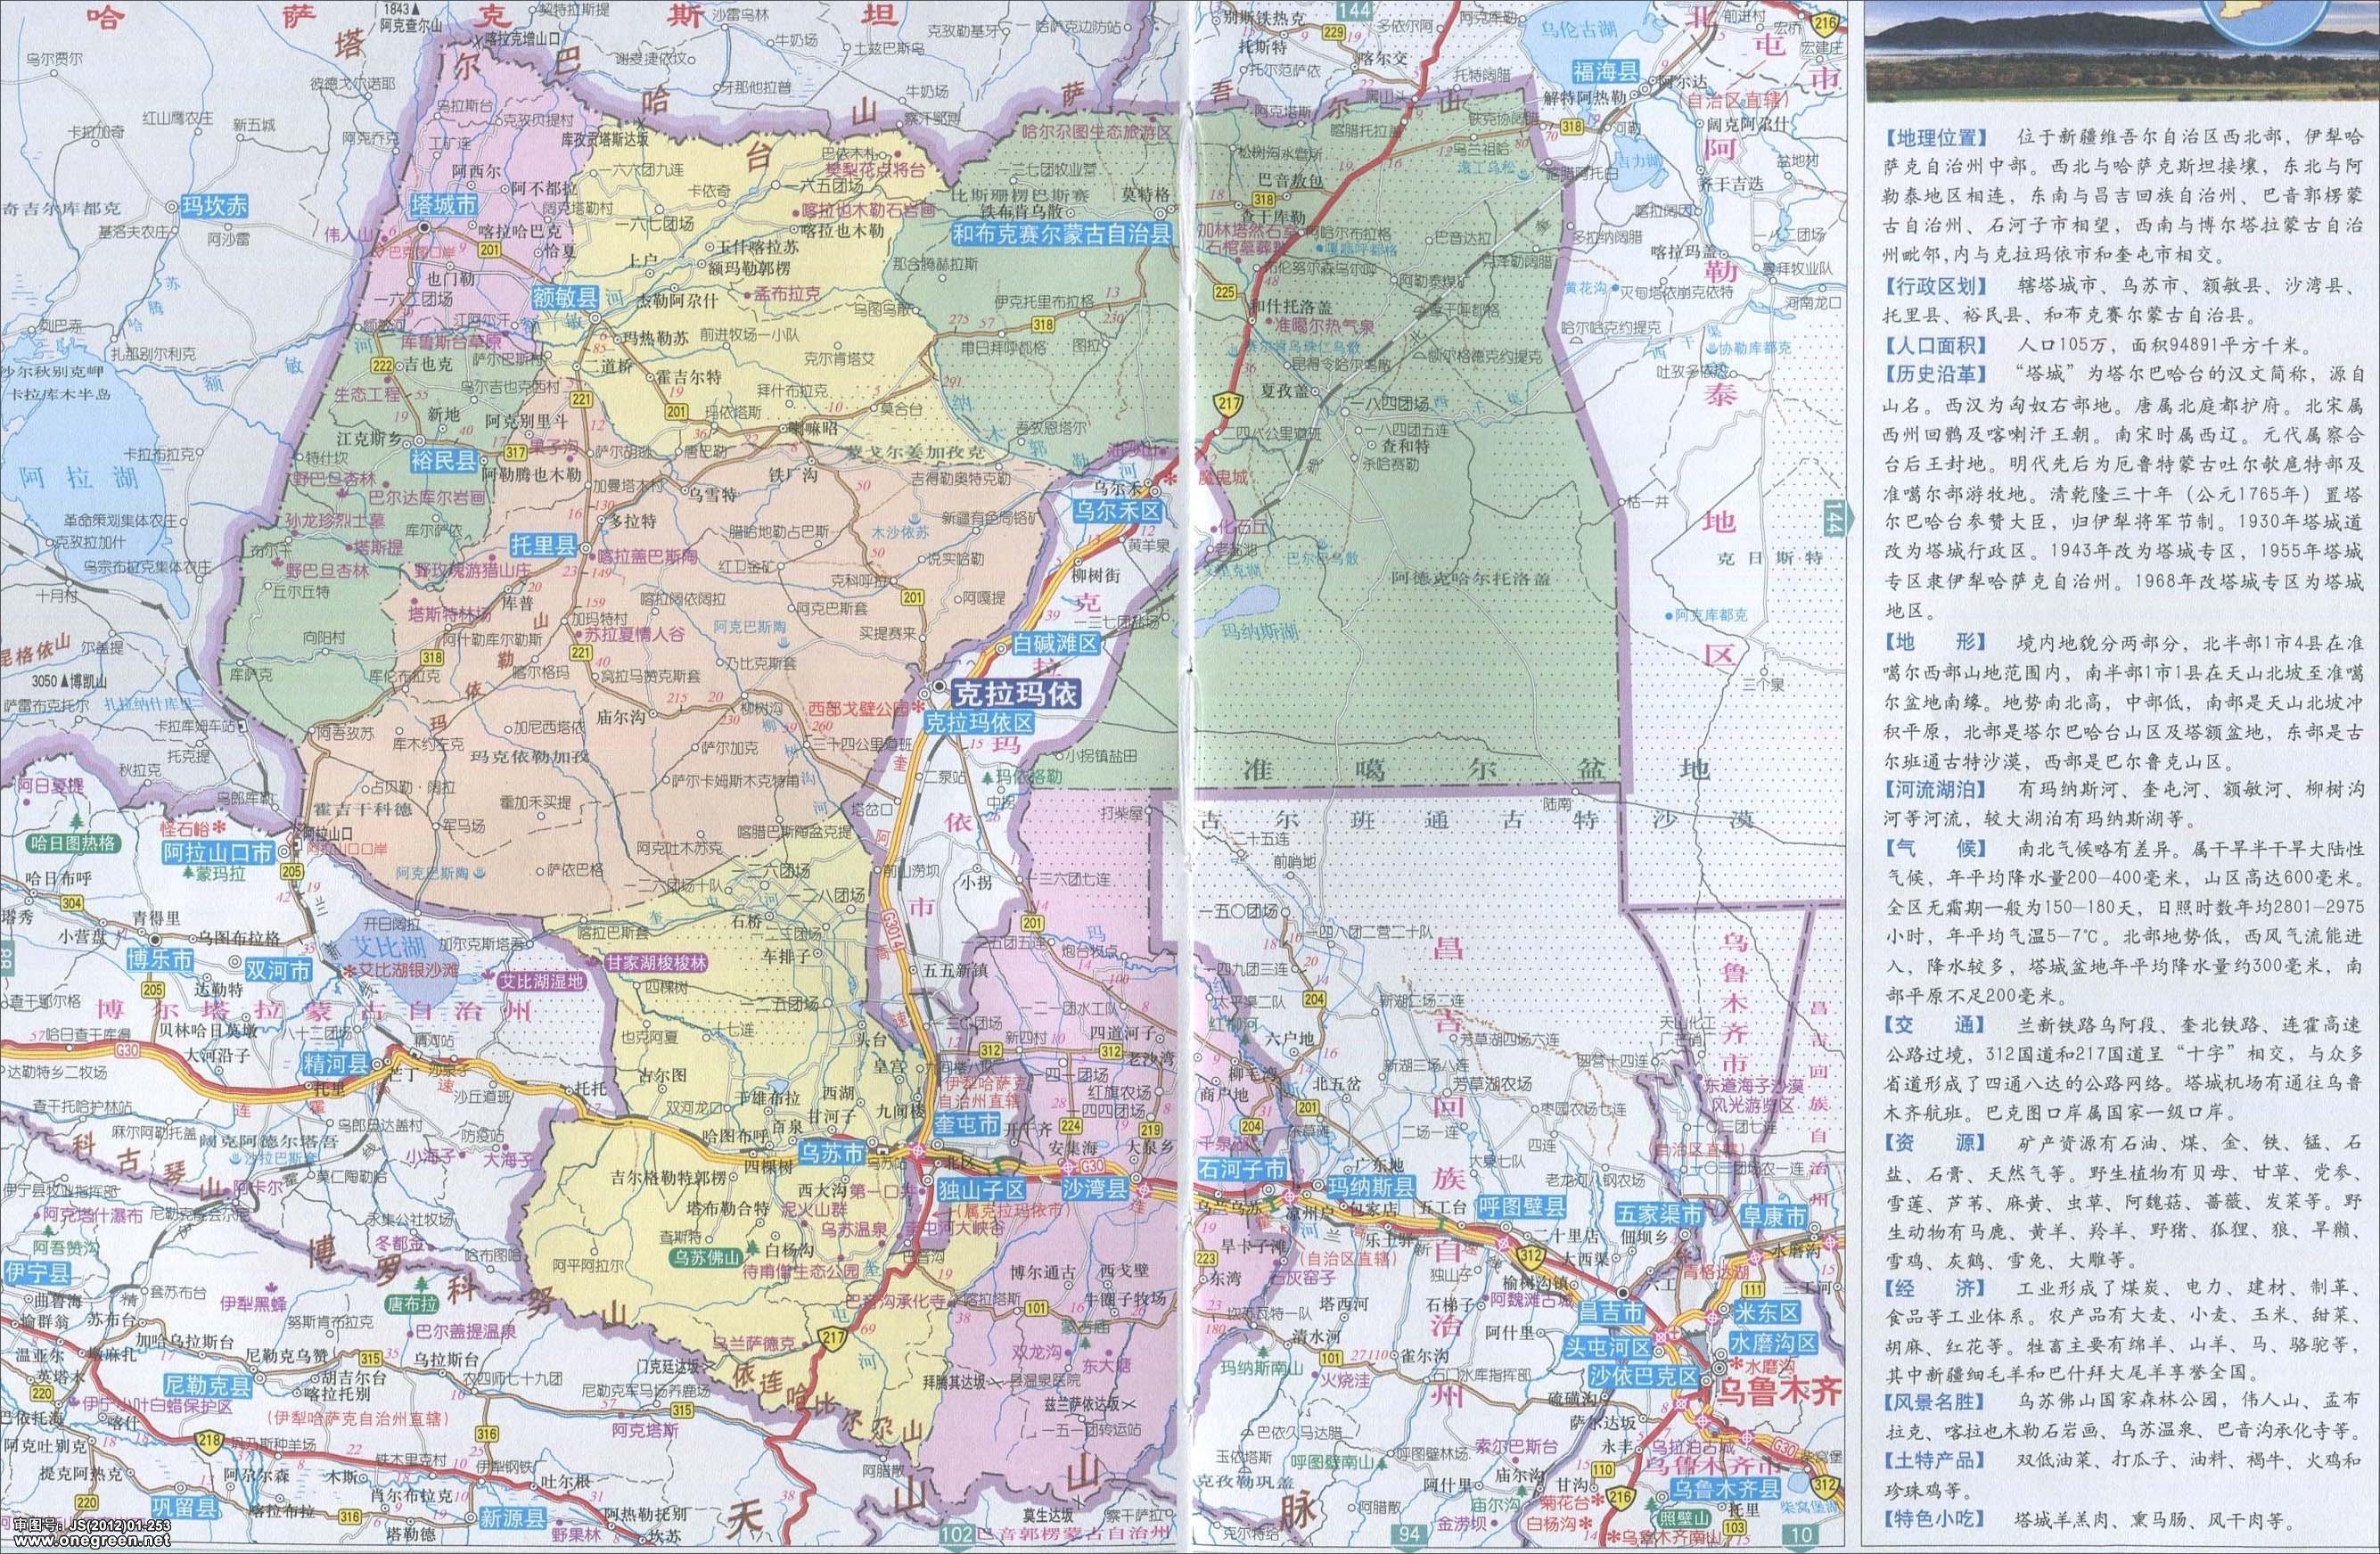 伊犁哈萨克自治州塔城地区地图